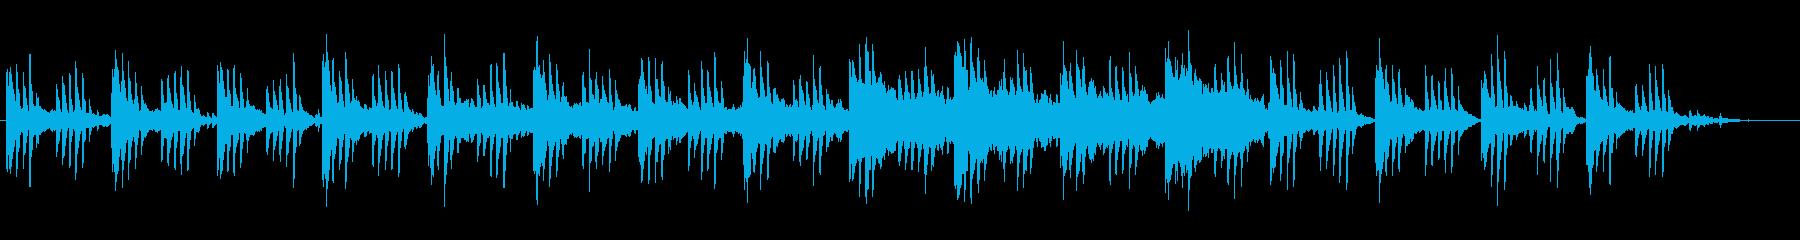 ジブリ風メロディーの幻想的なピアノ曲の再生済みの波形